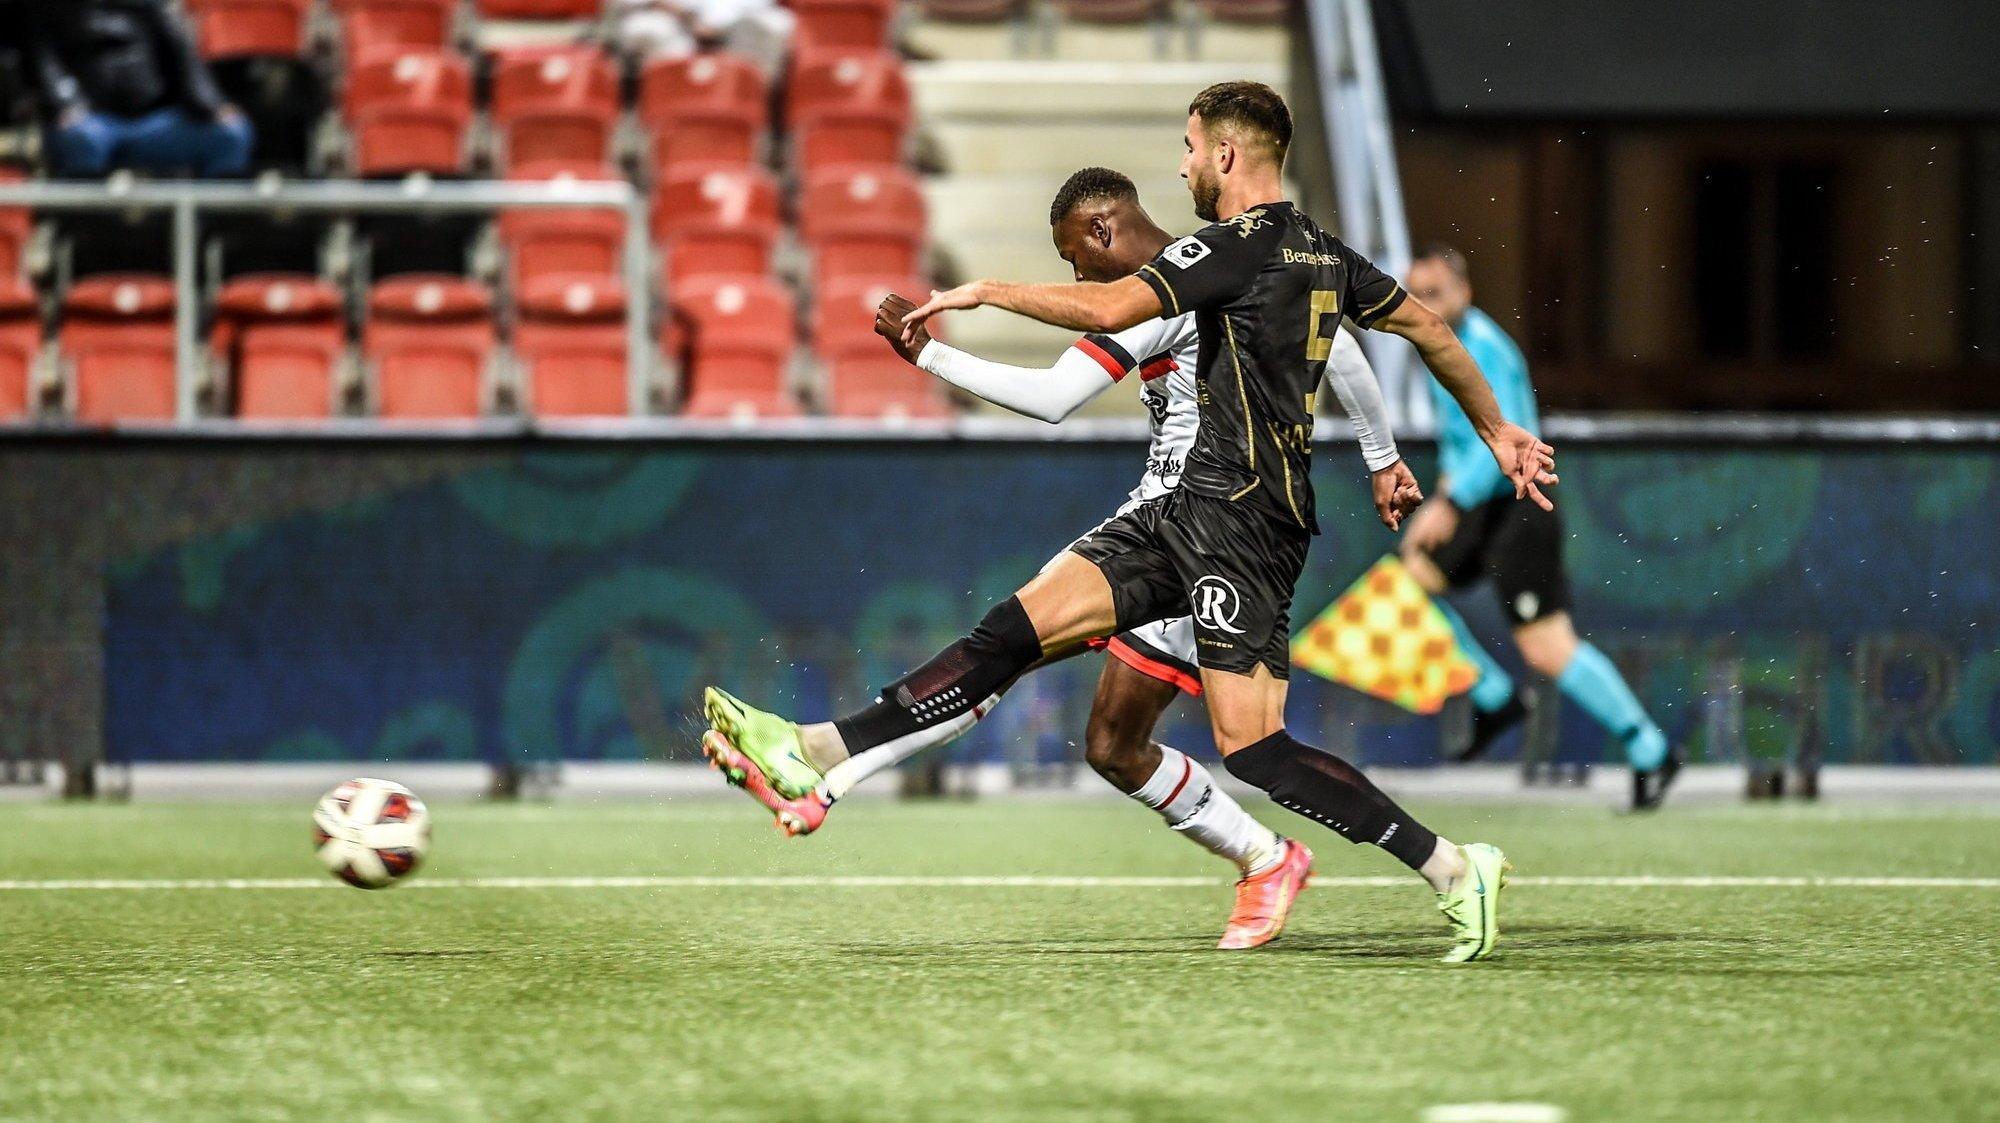 Louis Mafouta (en blanc) est plus rapide que Lavdrim Hajrulahu et inscrit le but du 2-0 pour Xamax.